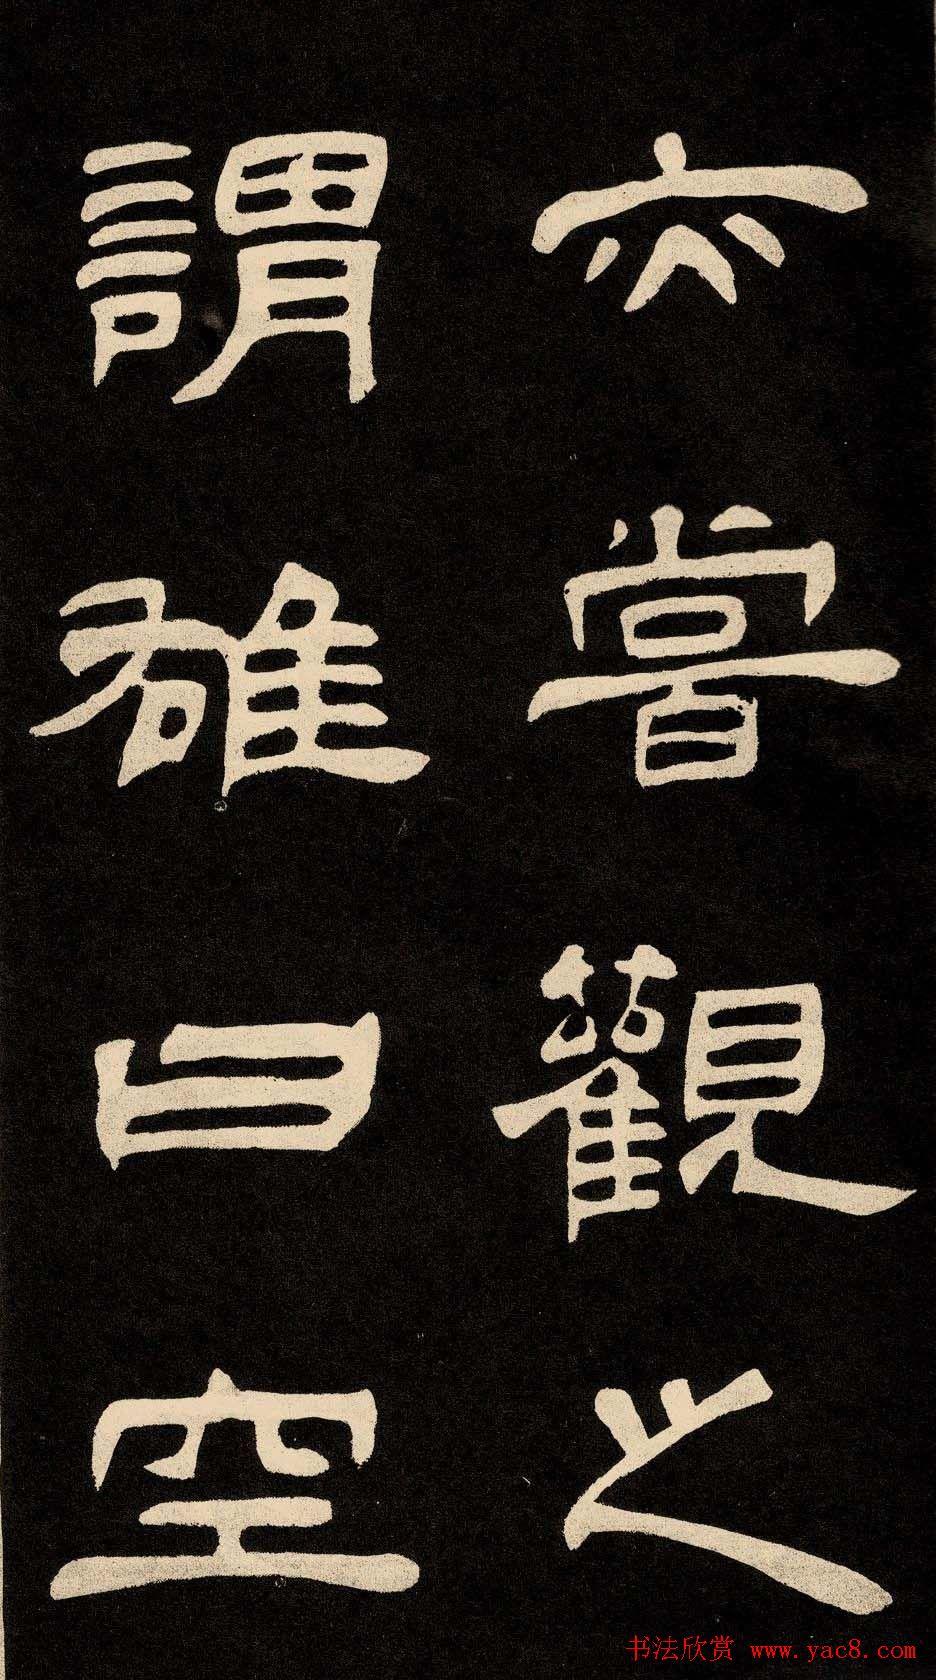 邓石如隶书书法欣赏 作太元传 第21页 隶书字帖 书法欣赏